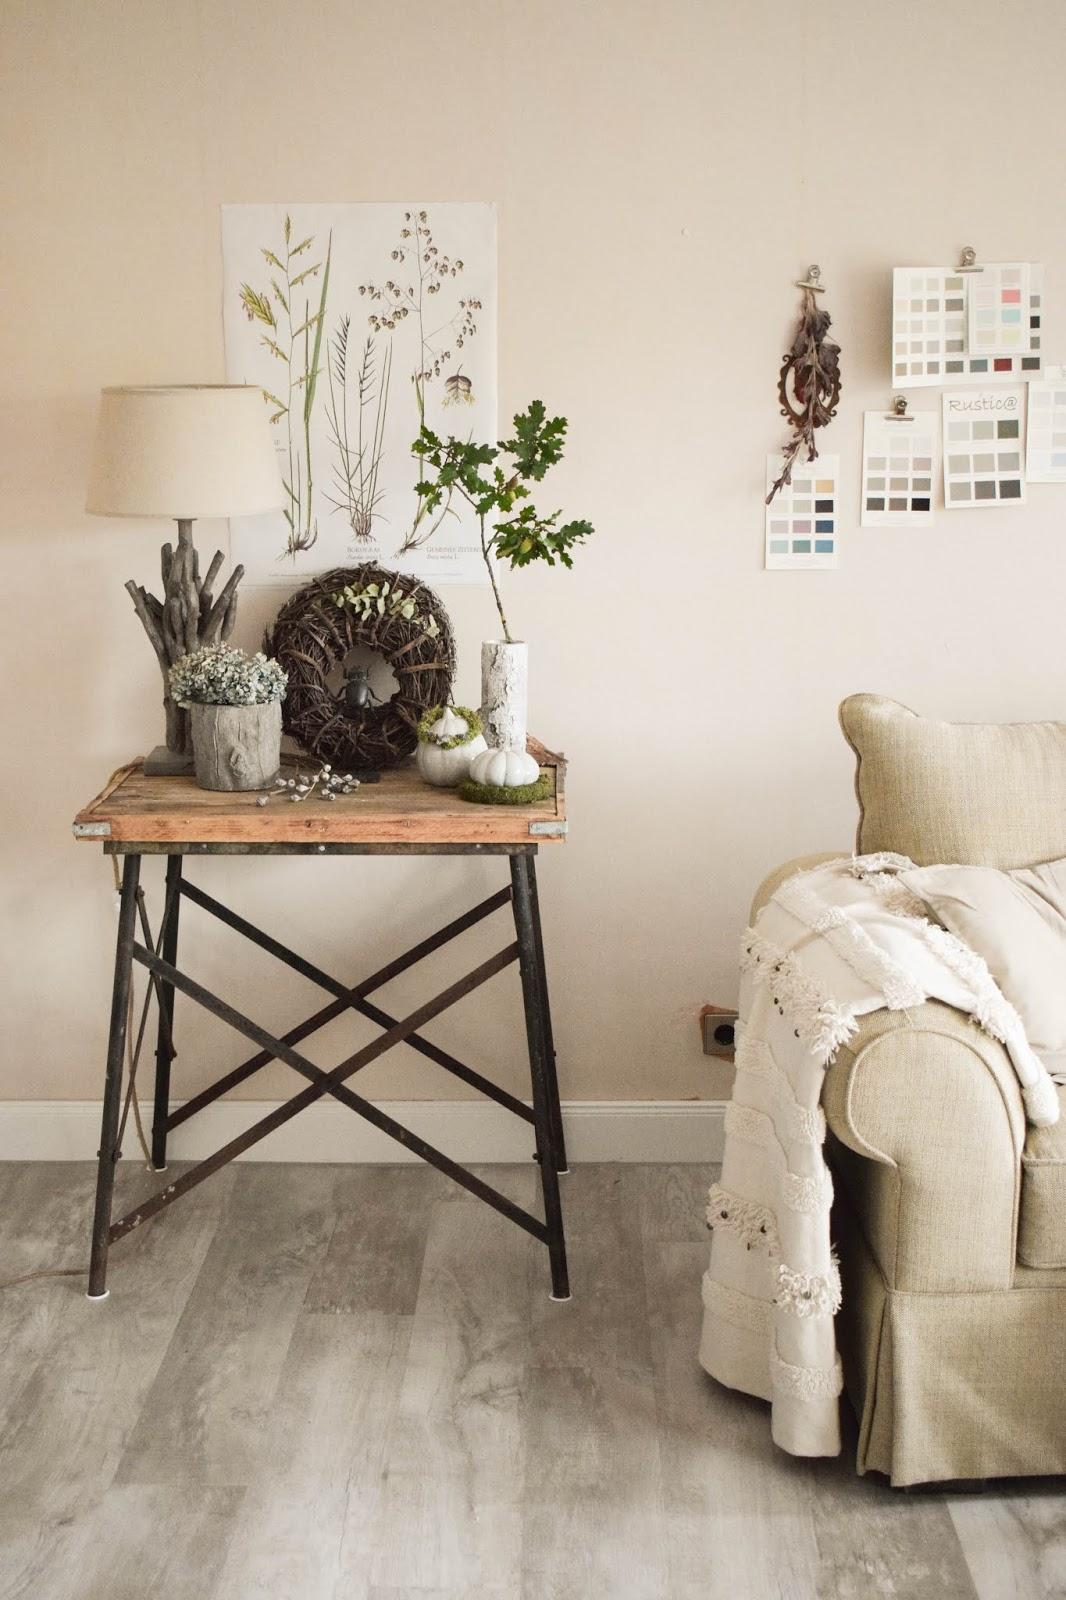 Deko Herbst für Konsole und Sideboard. Herbstdeko Dekoidee Wohnzimmer Dekoration botanisch natuerlich dekorieren 1